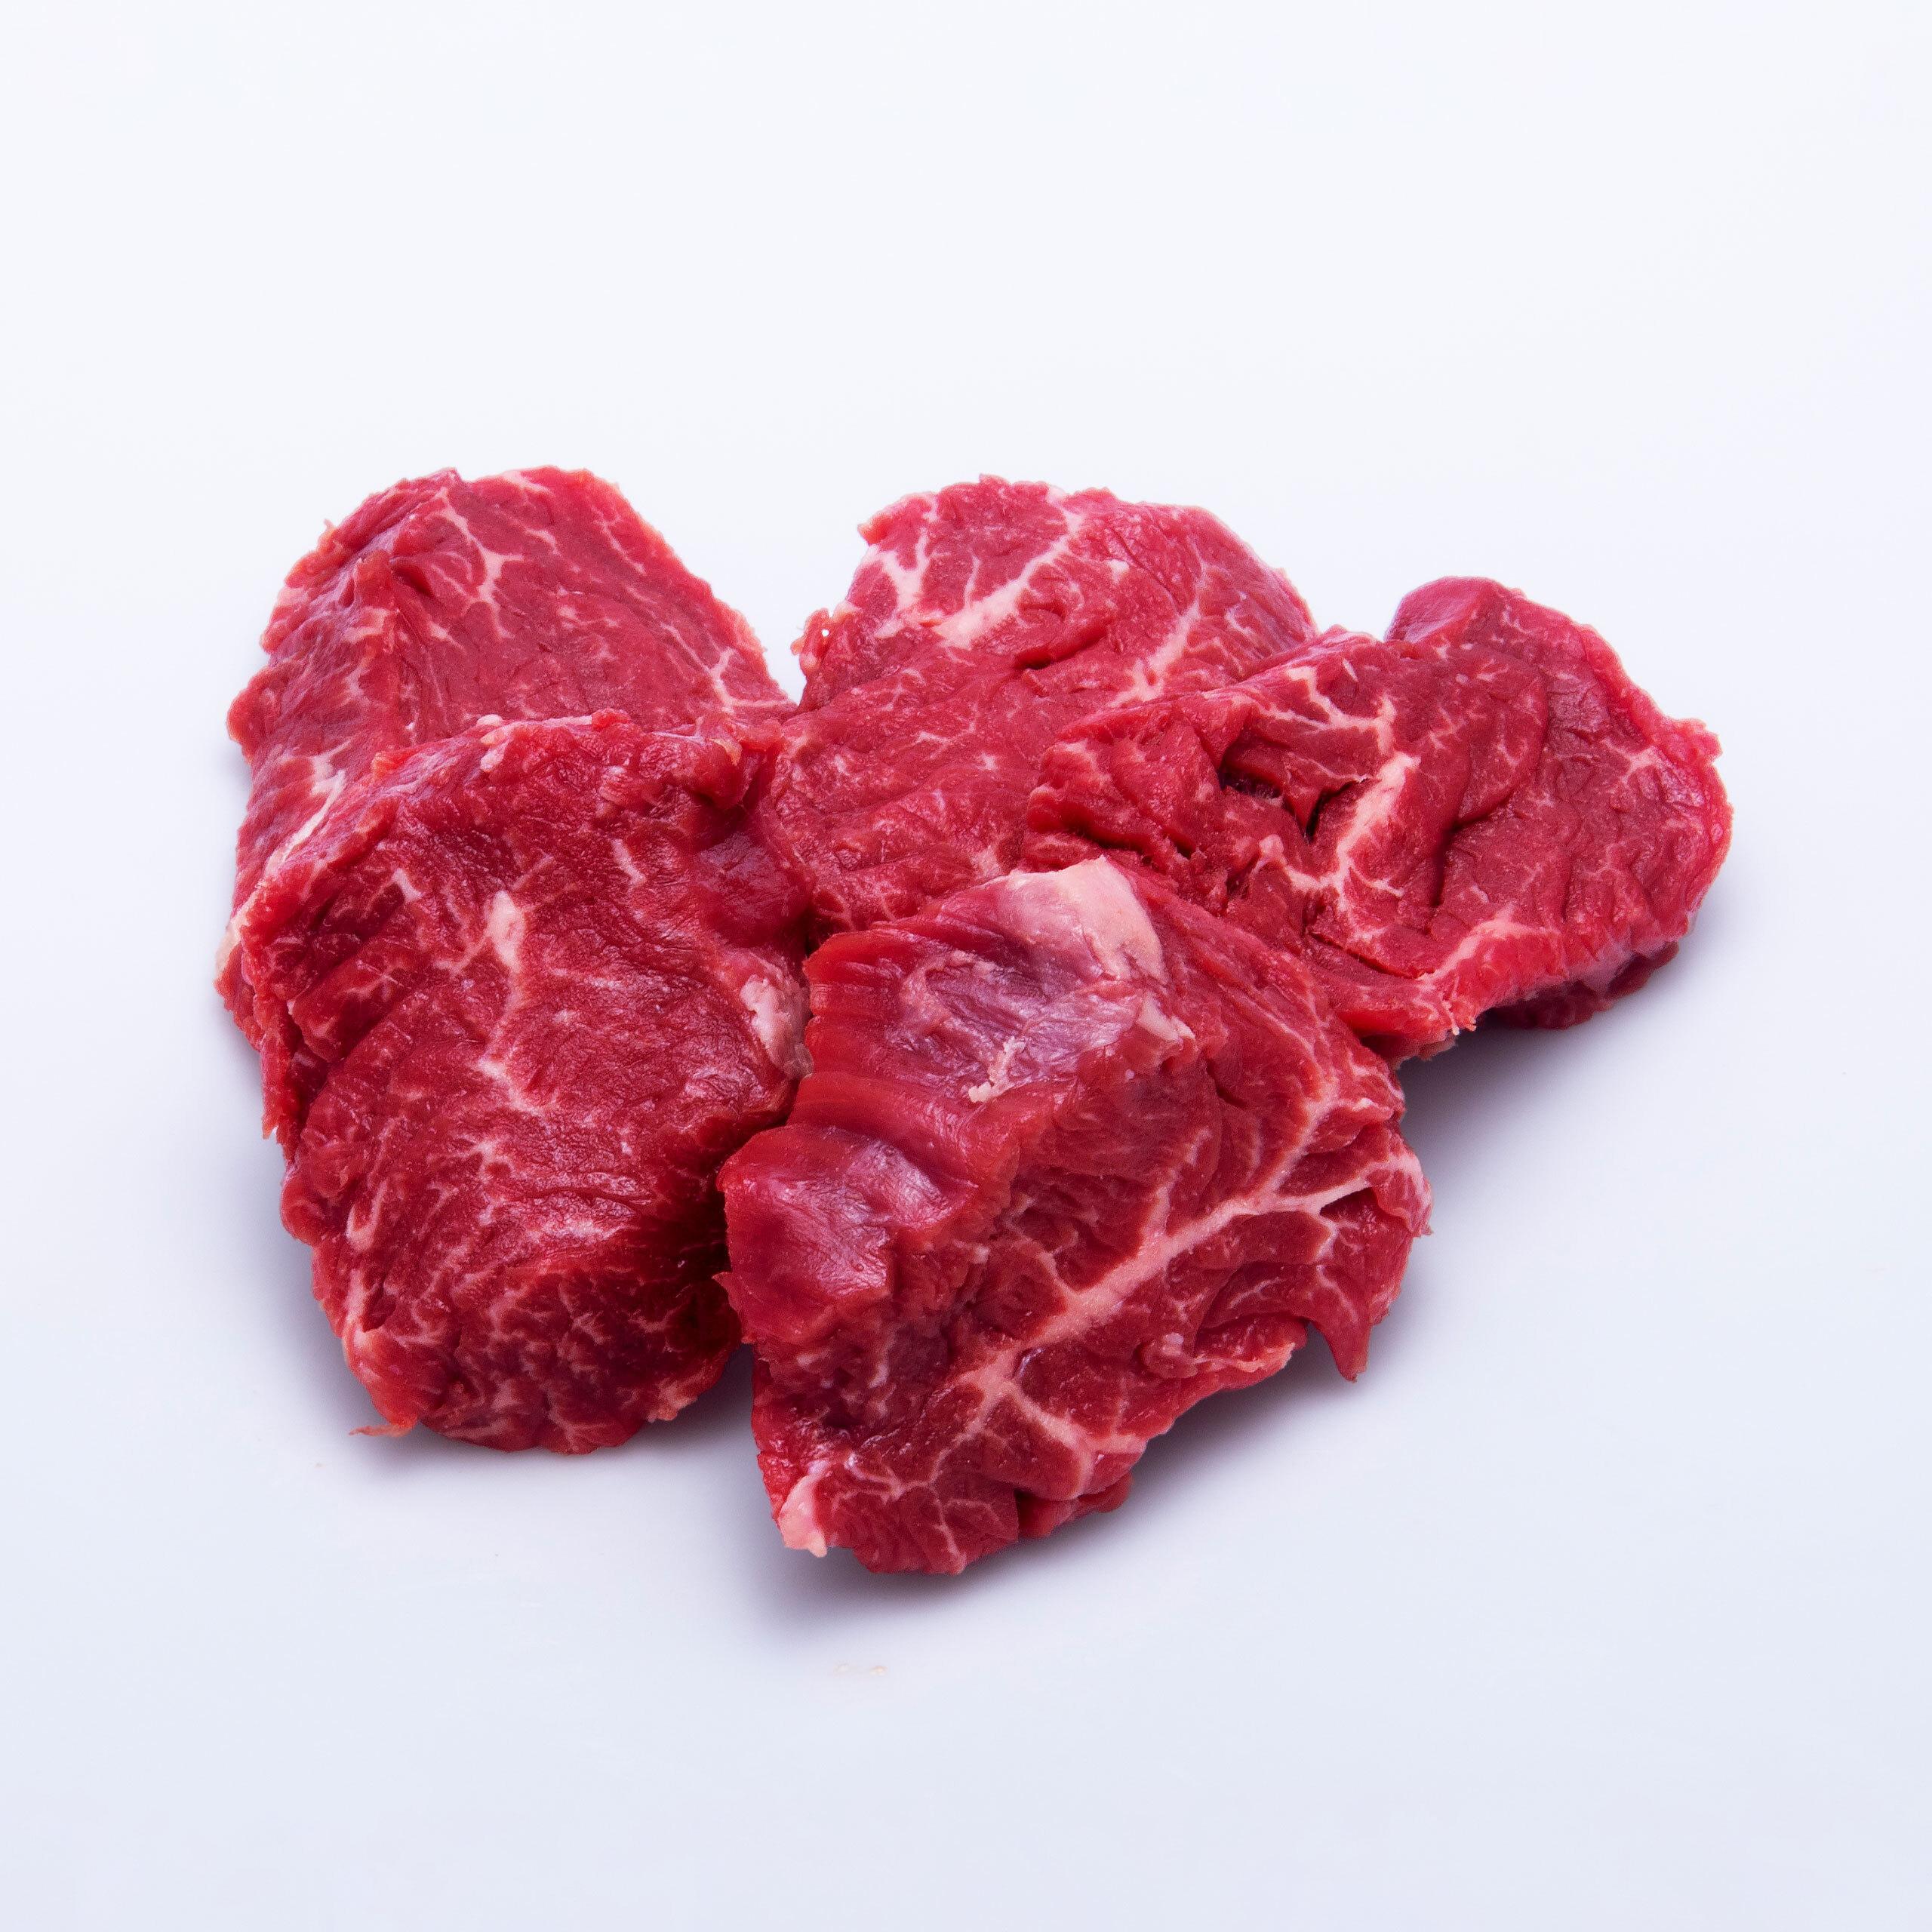 ハラミ 焼肉用 100g